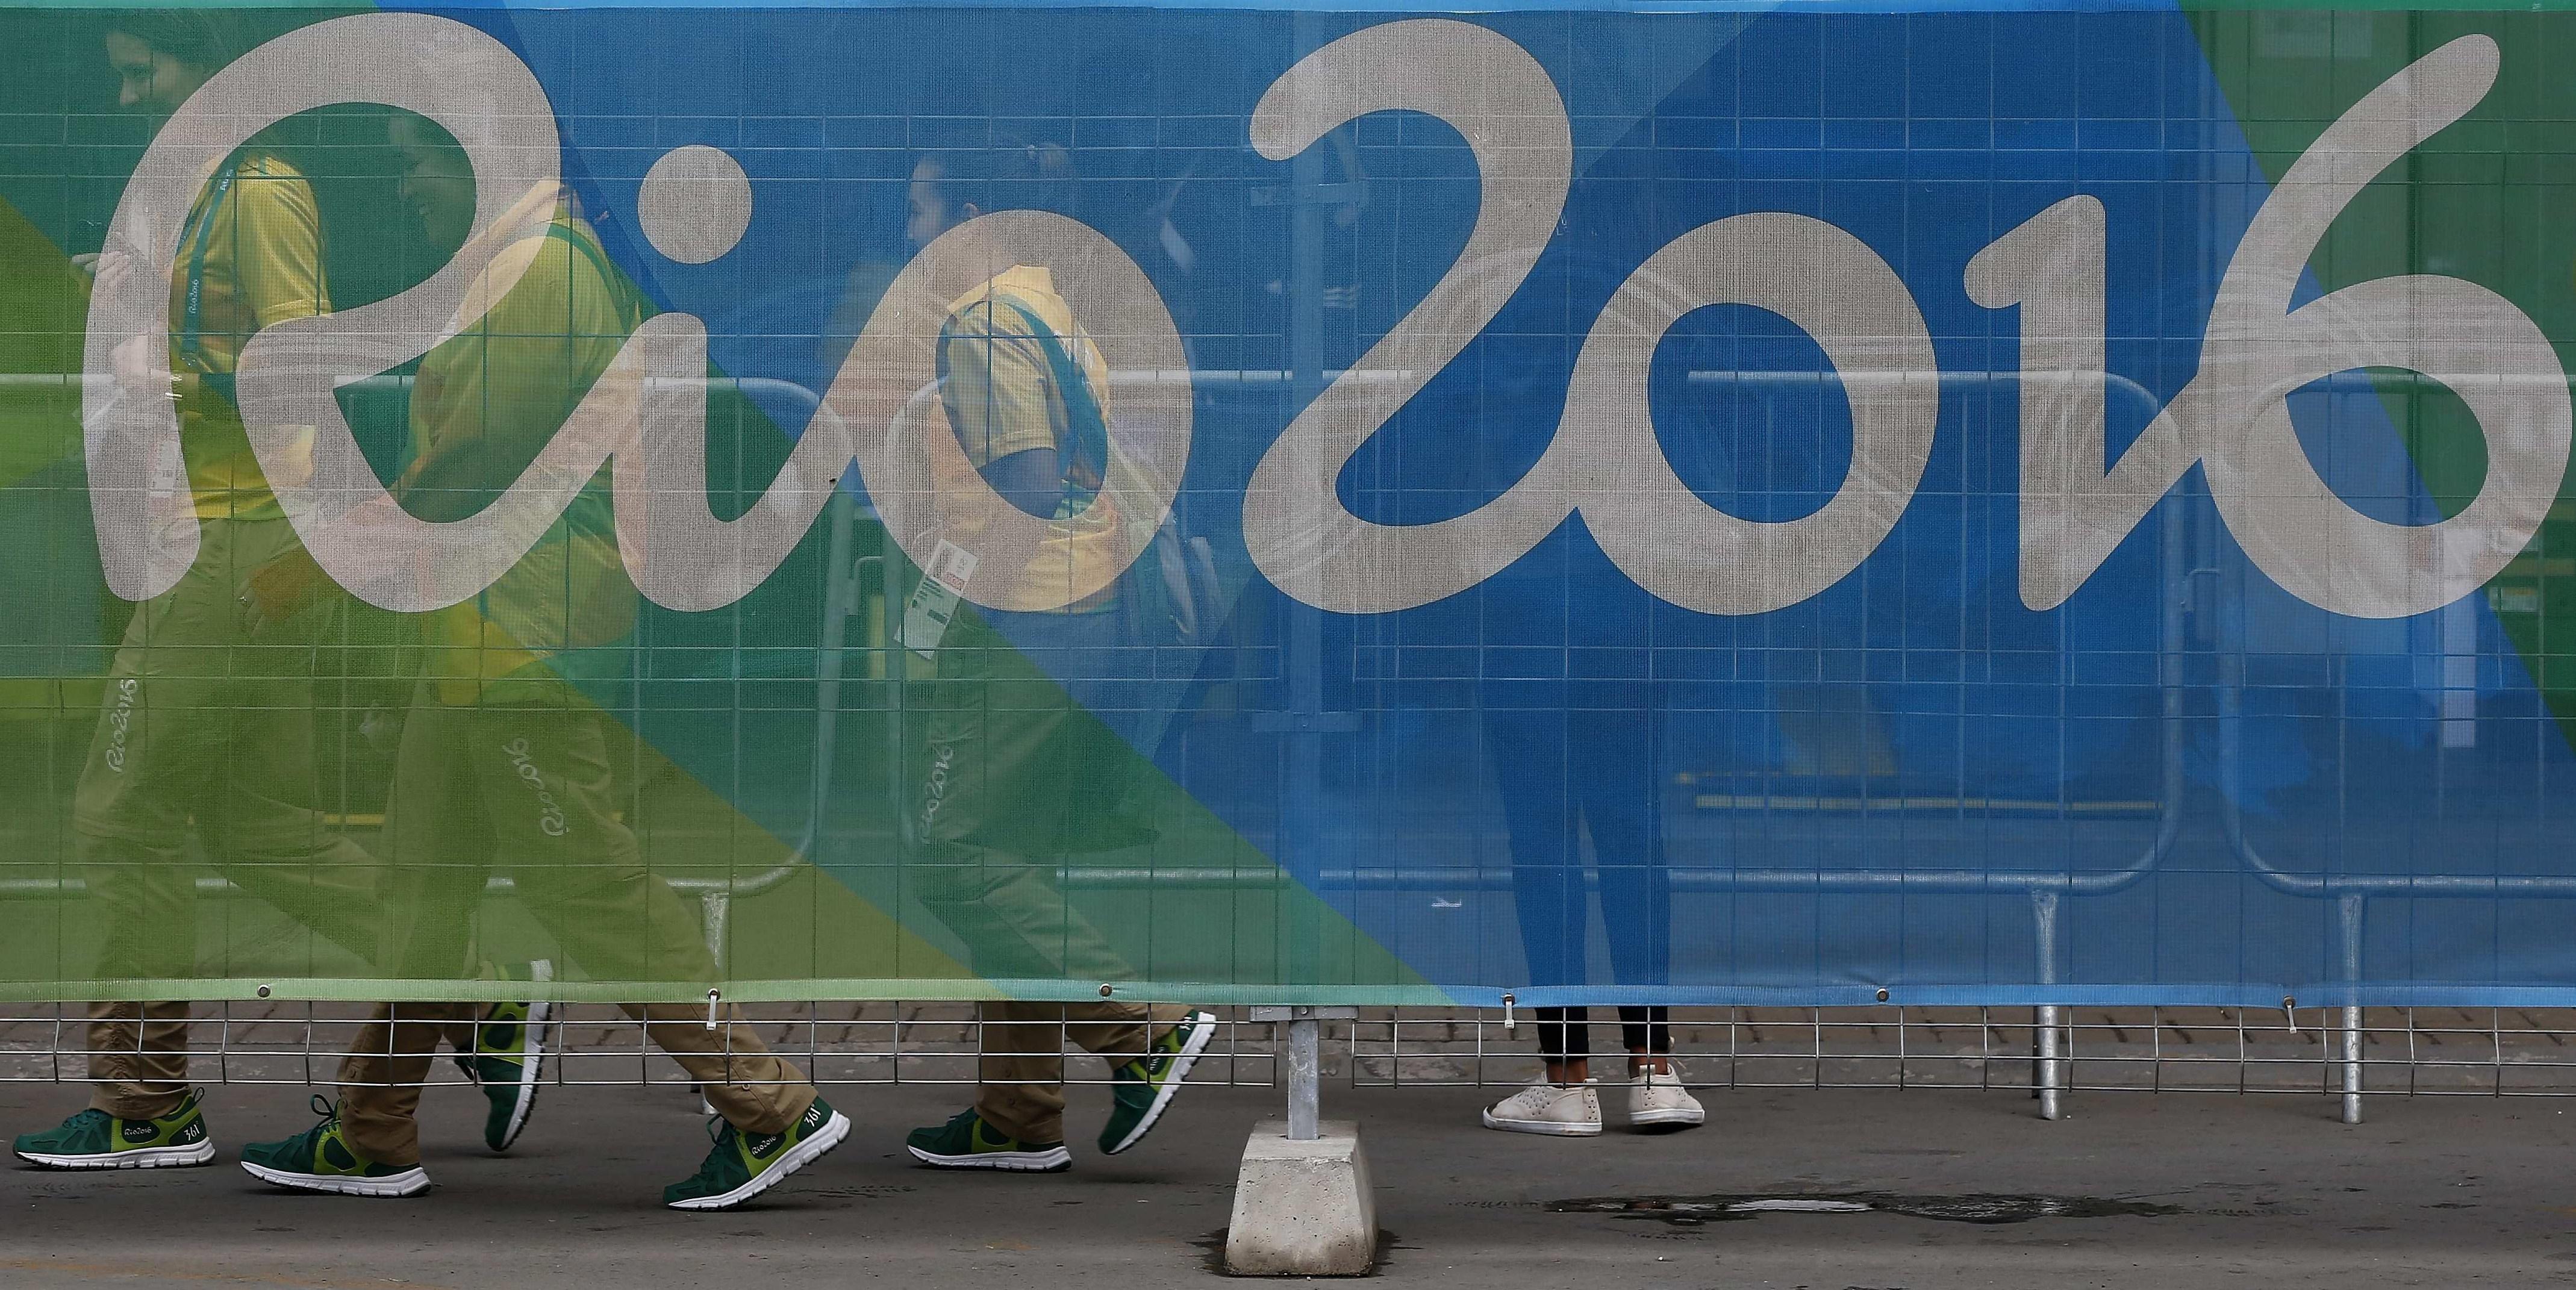 BRA01. RÍO DE JANEIRO (BRASIL), 22/07/2016.- Fotografía del 22 de julio de 2016 de voluntarios para los Juegos Olímpicos Río 2016 en Río de Janeiro (Brasil). Una acreditación, un uniforme, una guía de bolsillo sobre las olimpiadas, unas zapatillas, un abono de transporte, un llavero y, sobre todo, mucha ilusión son los enseres imprescindibles para todos aquellos que quieran sacrificar el mes de agosto para ser voluntario durante los Juegos de Río 2016. EFE/MARCELO SAYAO